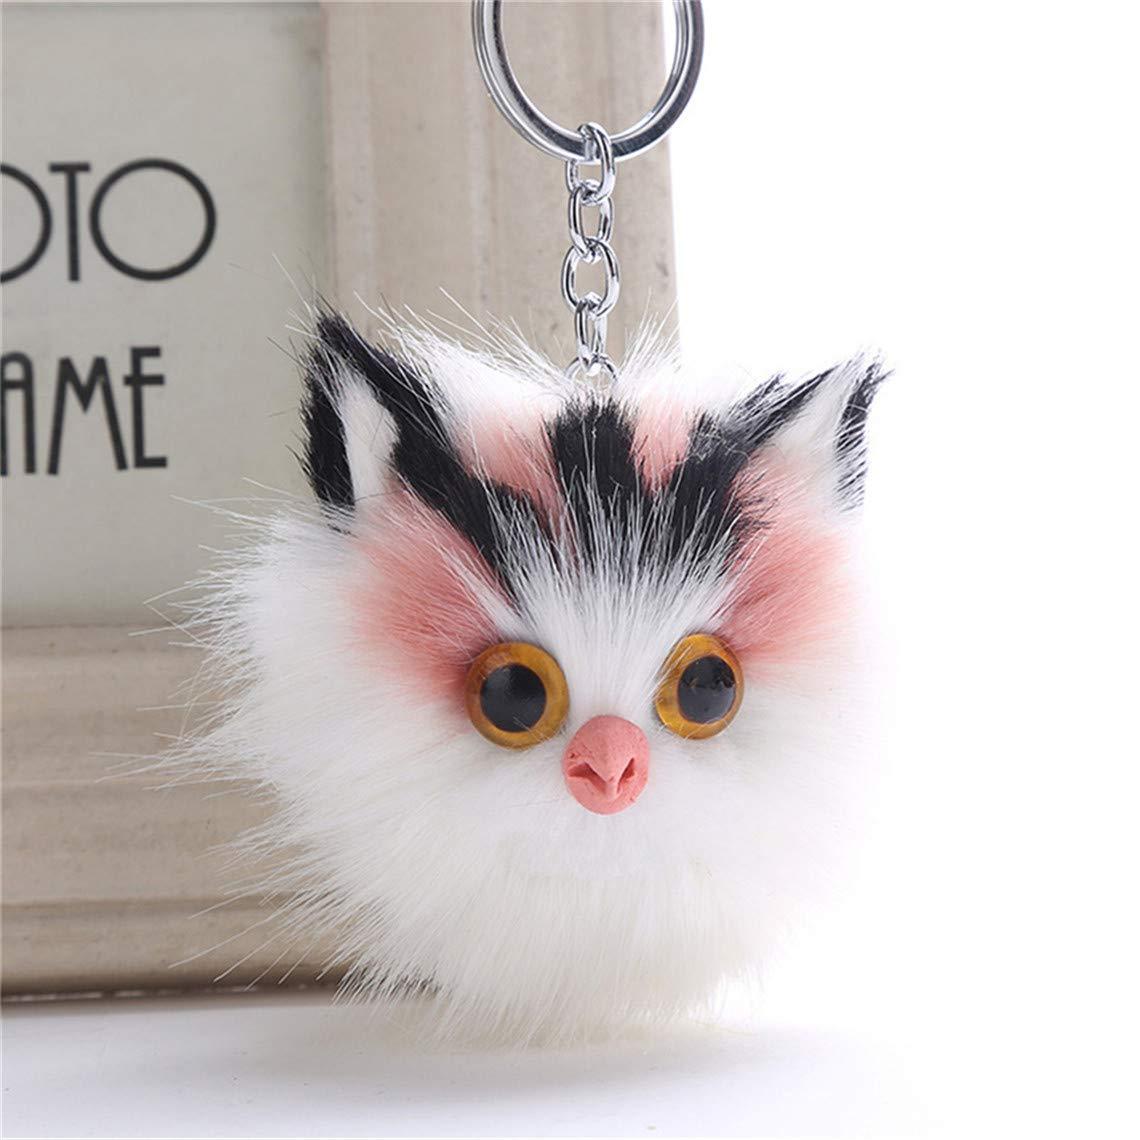 Rurah かわいいふわふわの猫 プラッシュペンダント キーチェーン 人工ウサギ ヘアメタルキーリング レディース ぬいぐるみバッグ キーペンダント オーナメント As description Rurah  Bean paste pink B07JC61P47